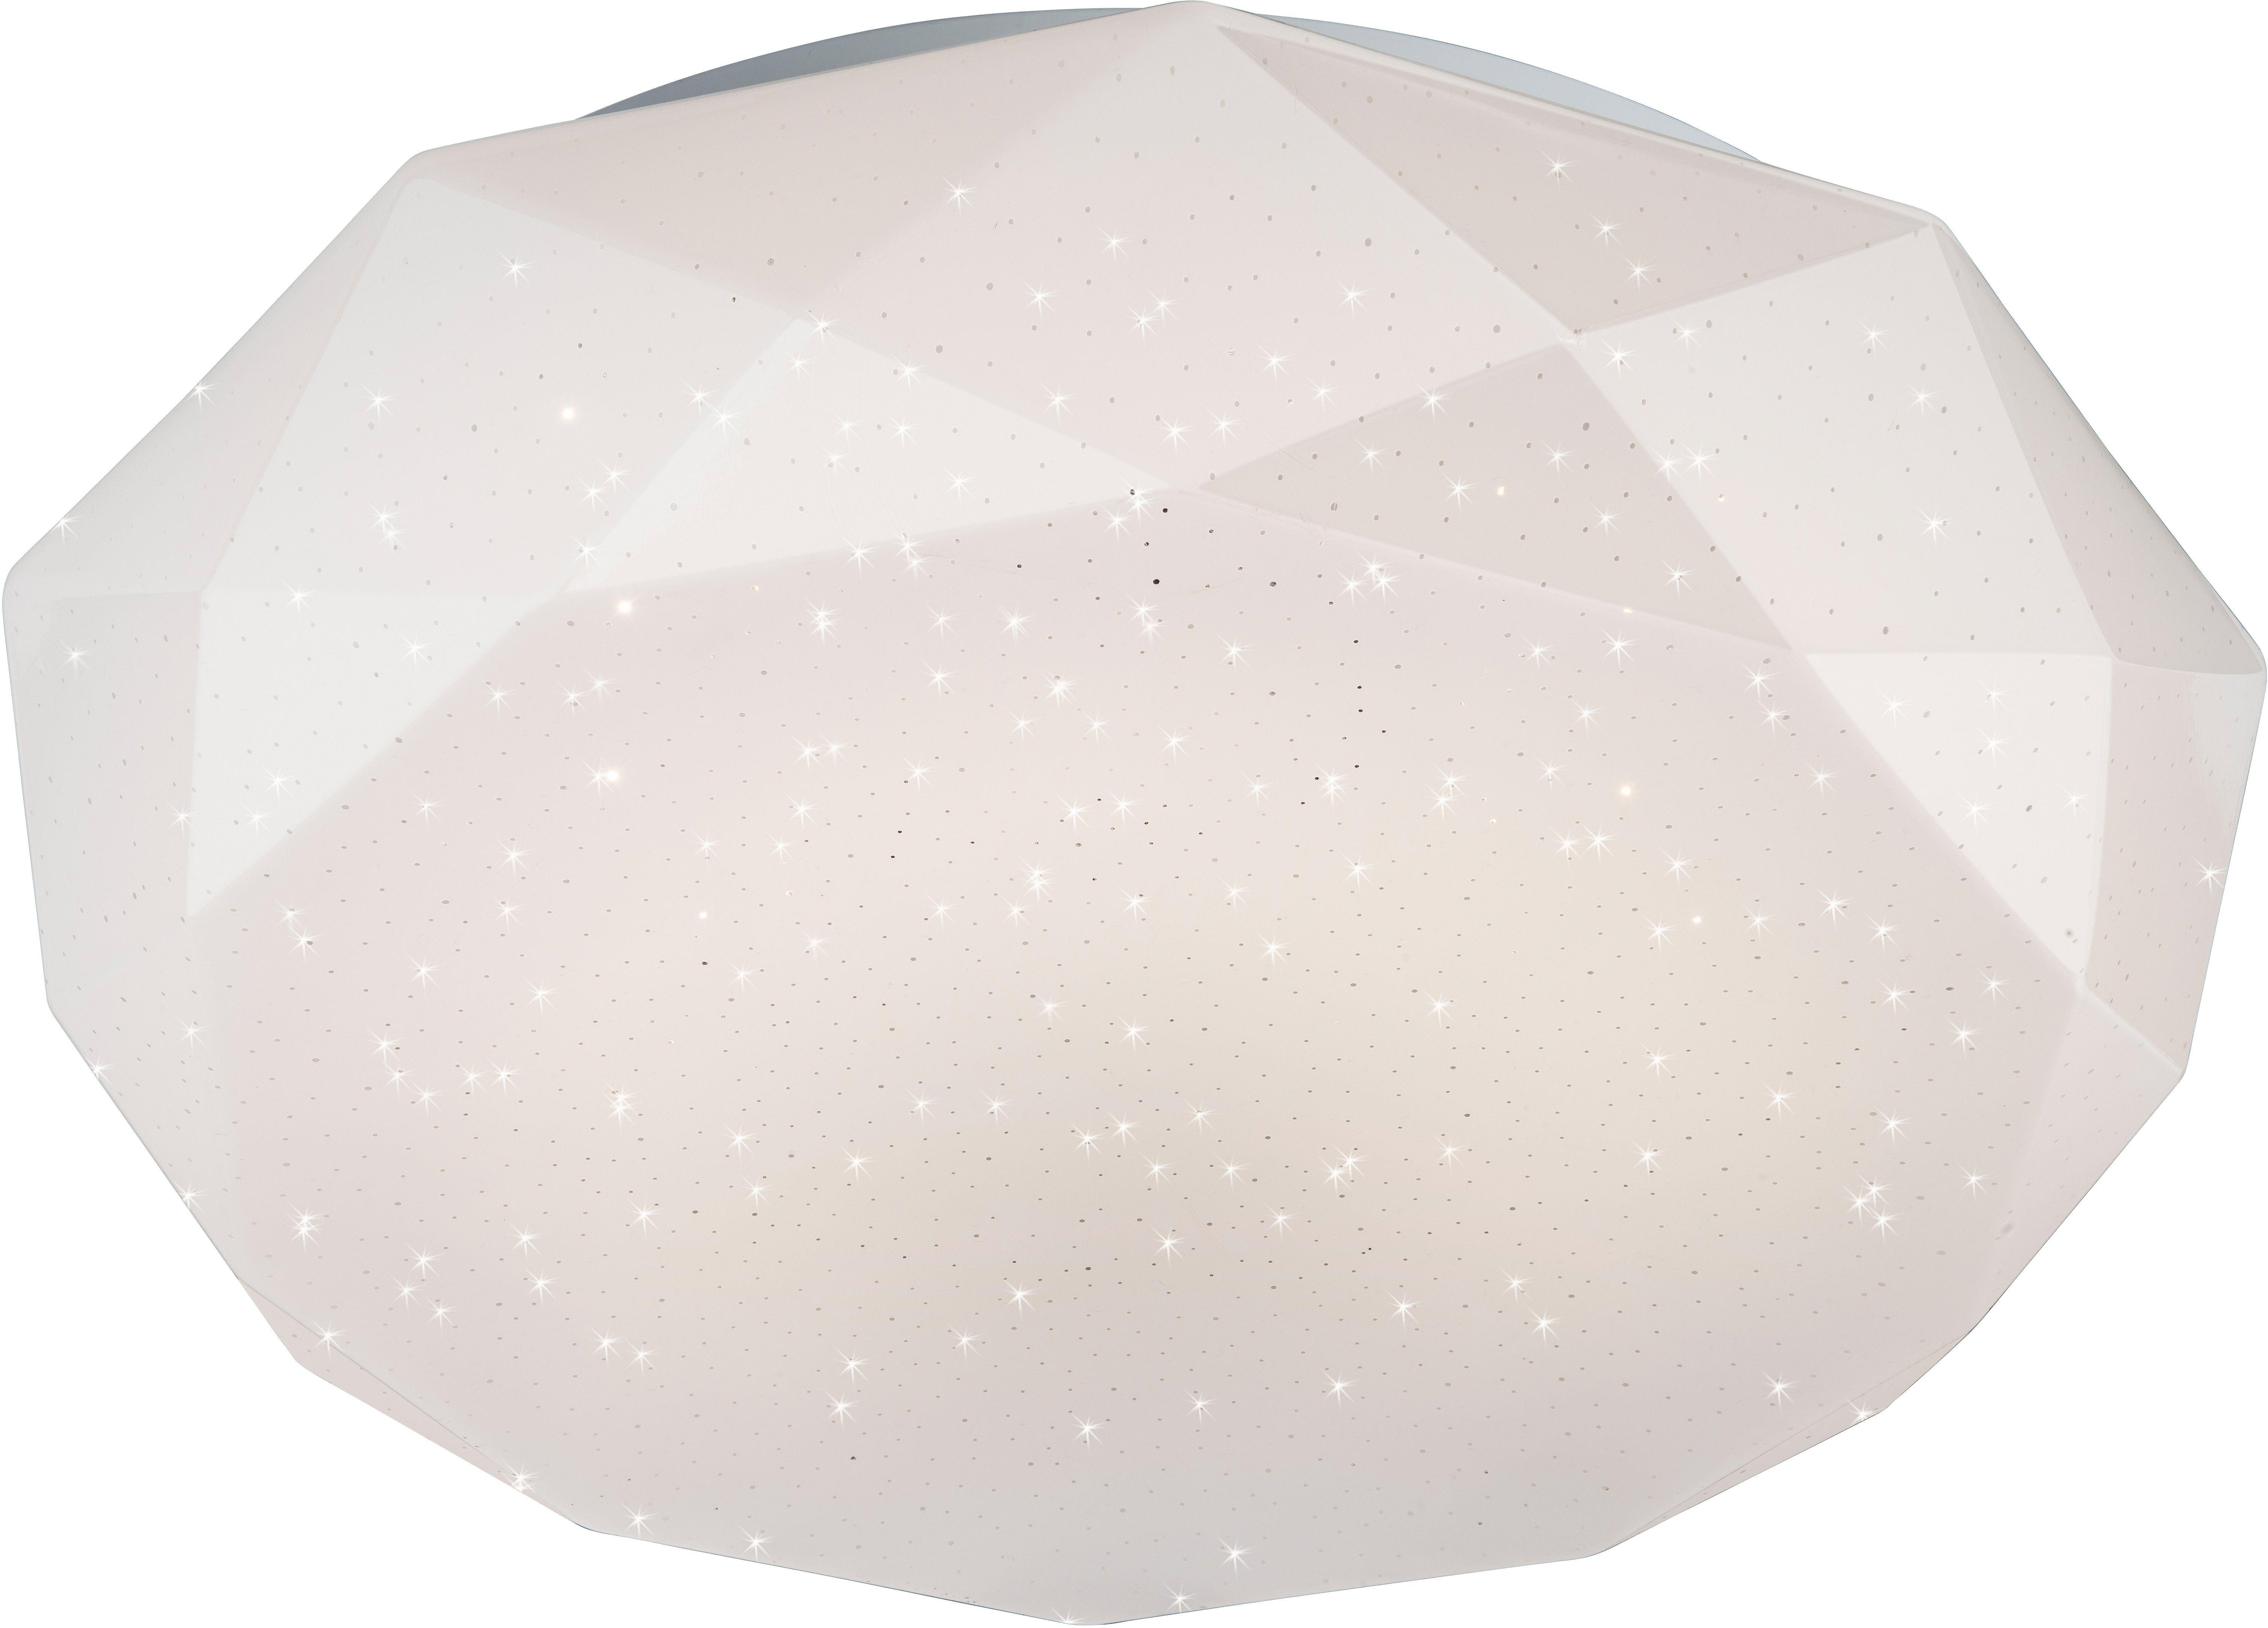 Nino Leuchten LED Deckenleuchte »DIAMOND«, mit Glitzereffekt